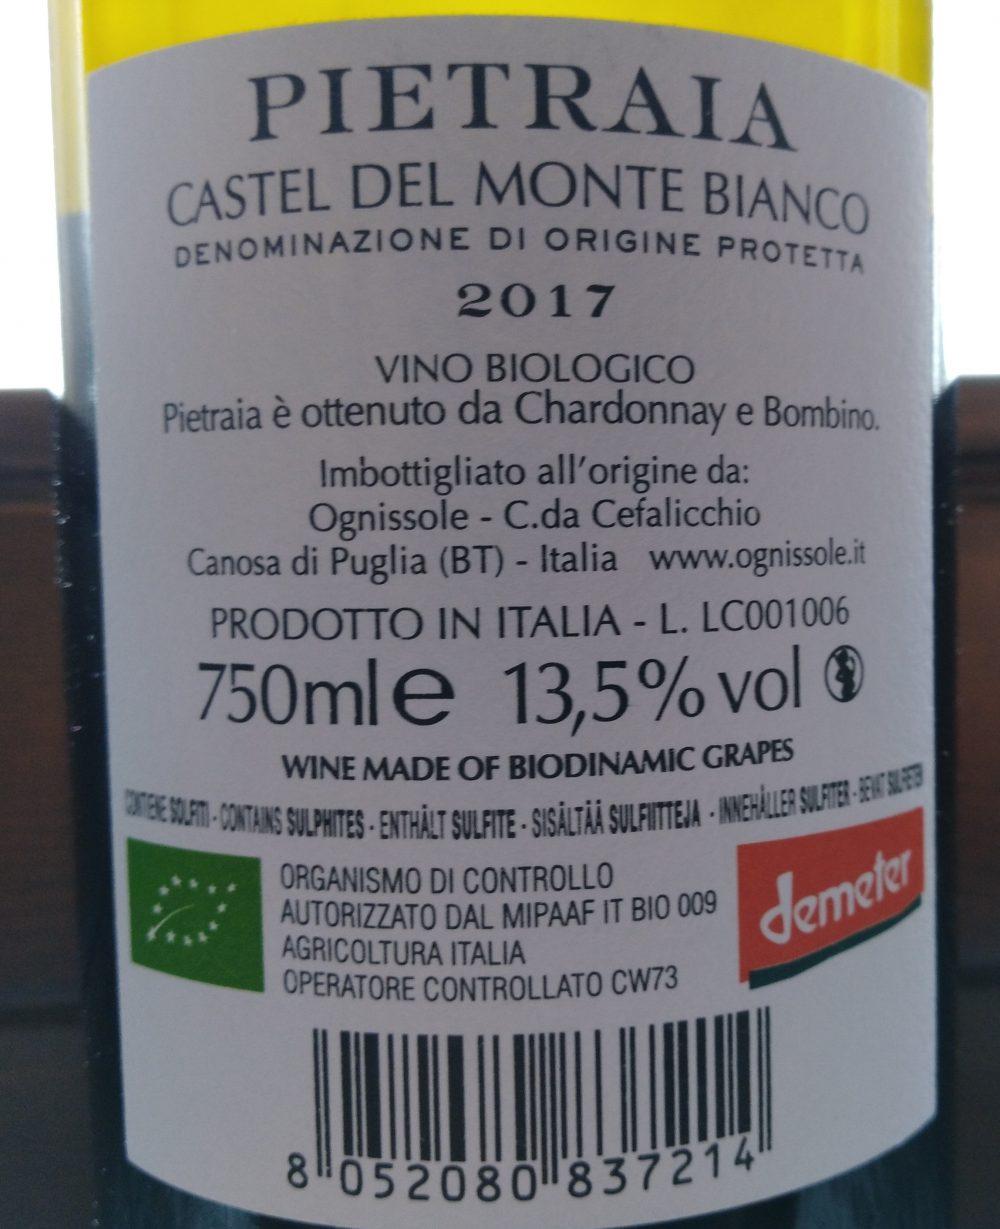 Controetichettta Pietraia Bianco Castel del Monte Dop 2017 - Ognissole